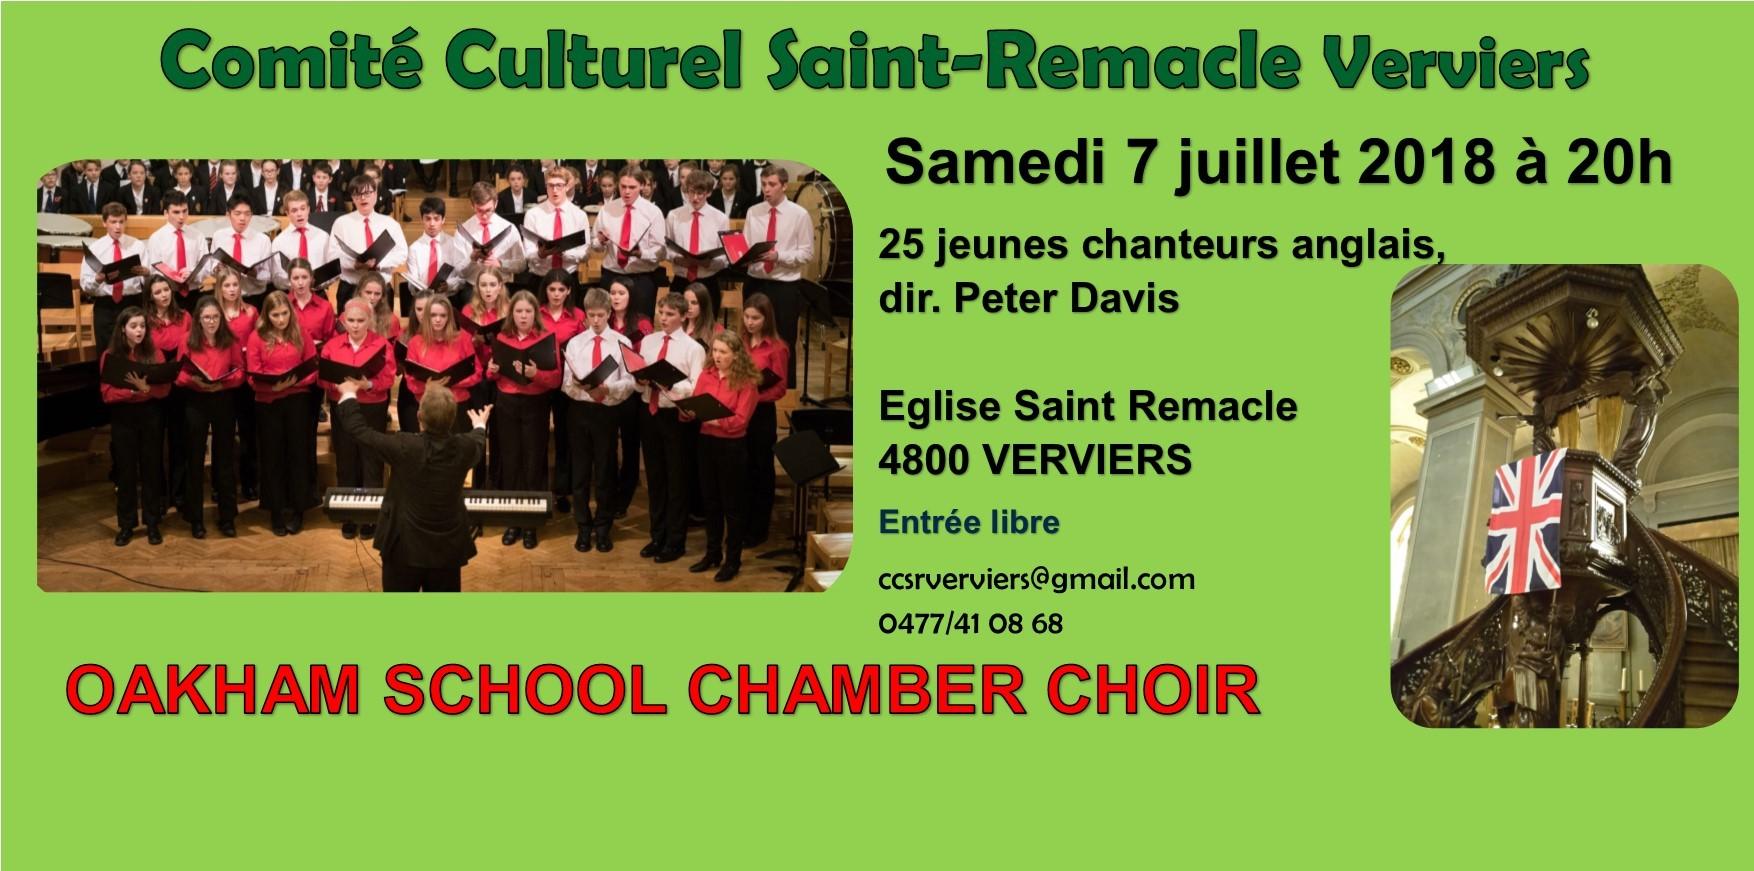 Concert de 25 jeunes chanteurs anglais avec orgue @ Saint Remacle